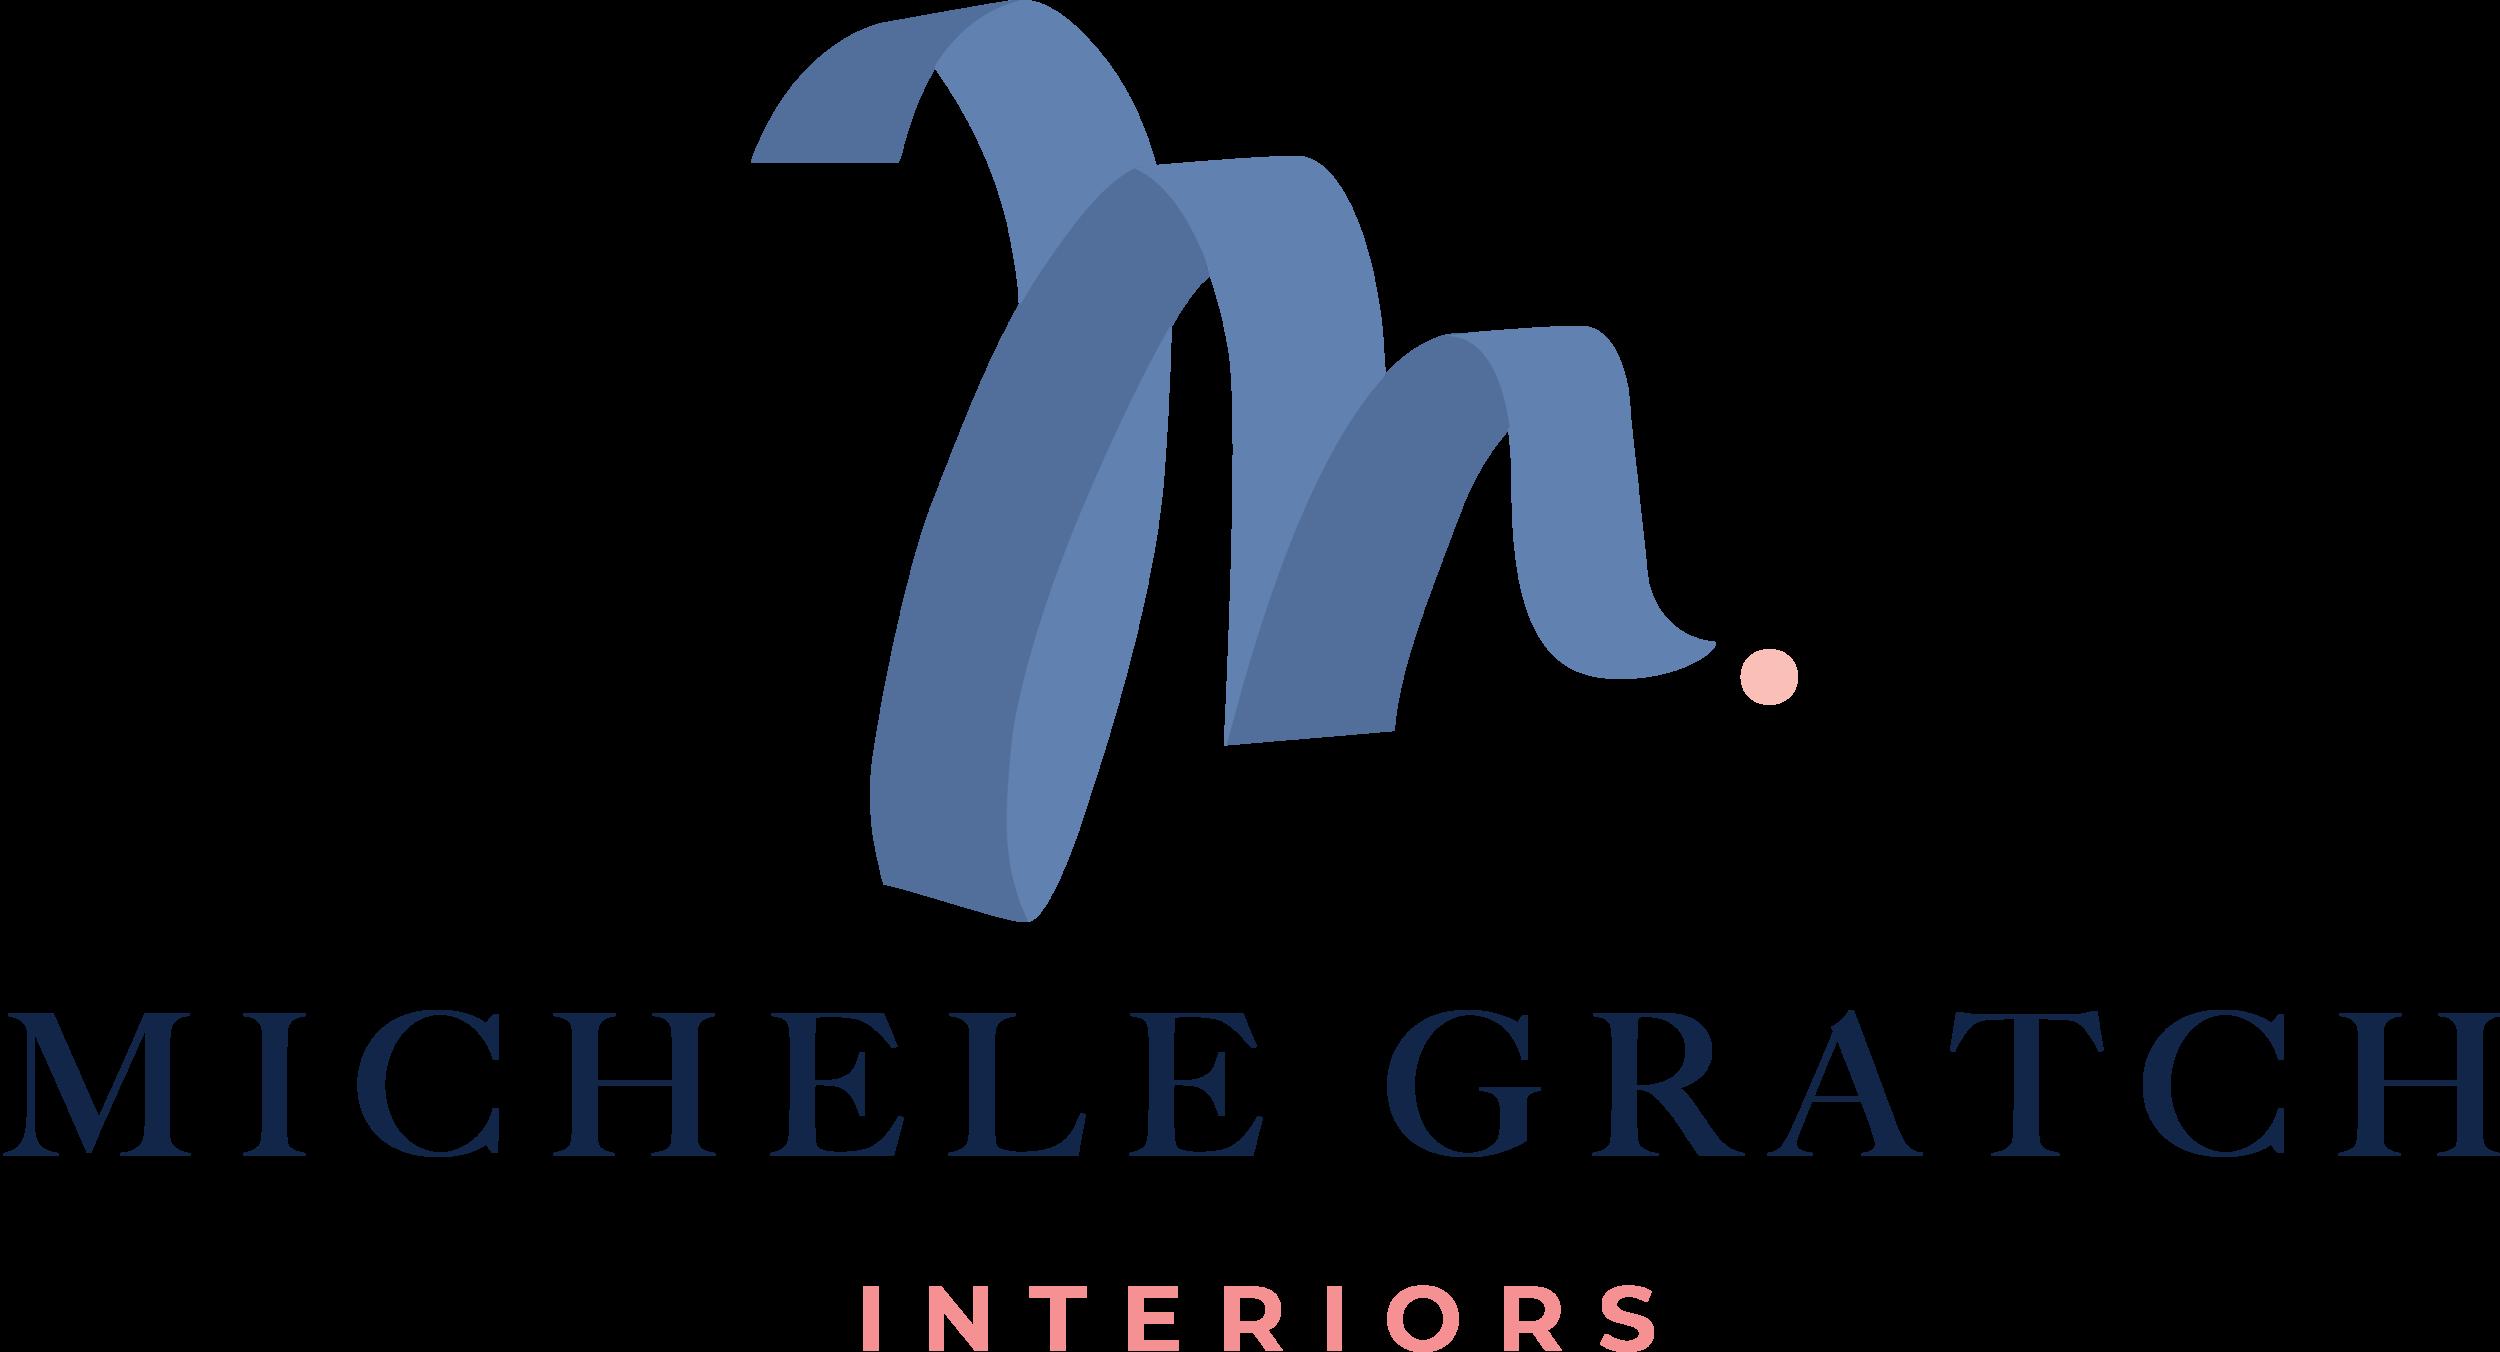 michele gratch interiors logo Atlanta area Interior Designer